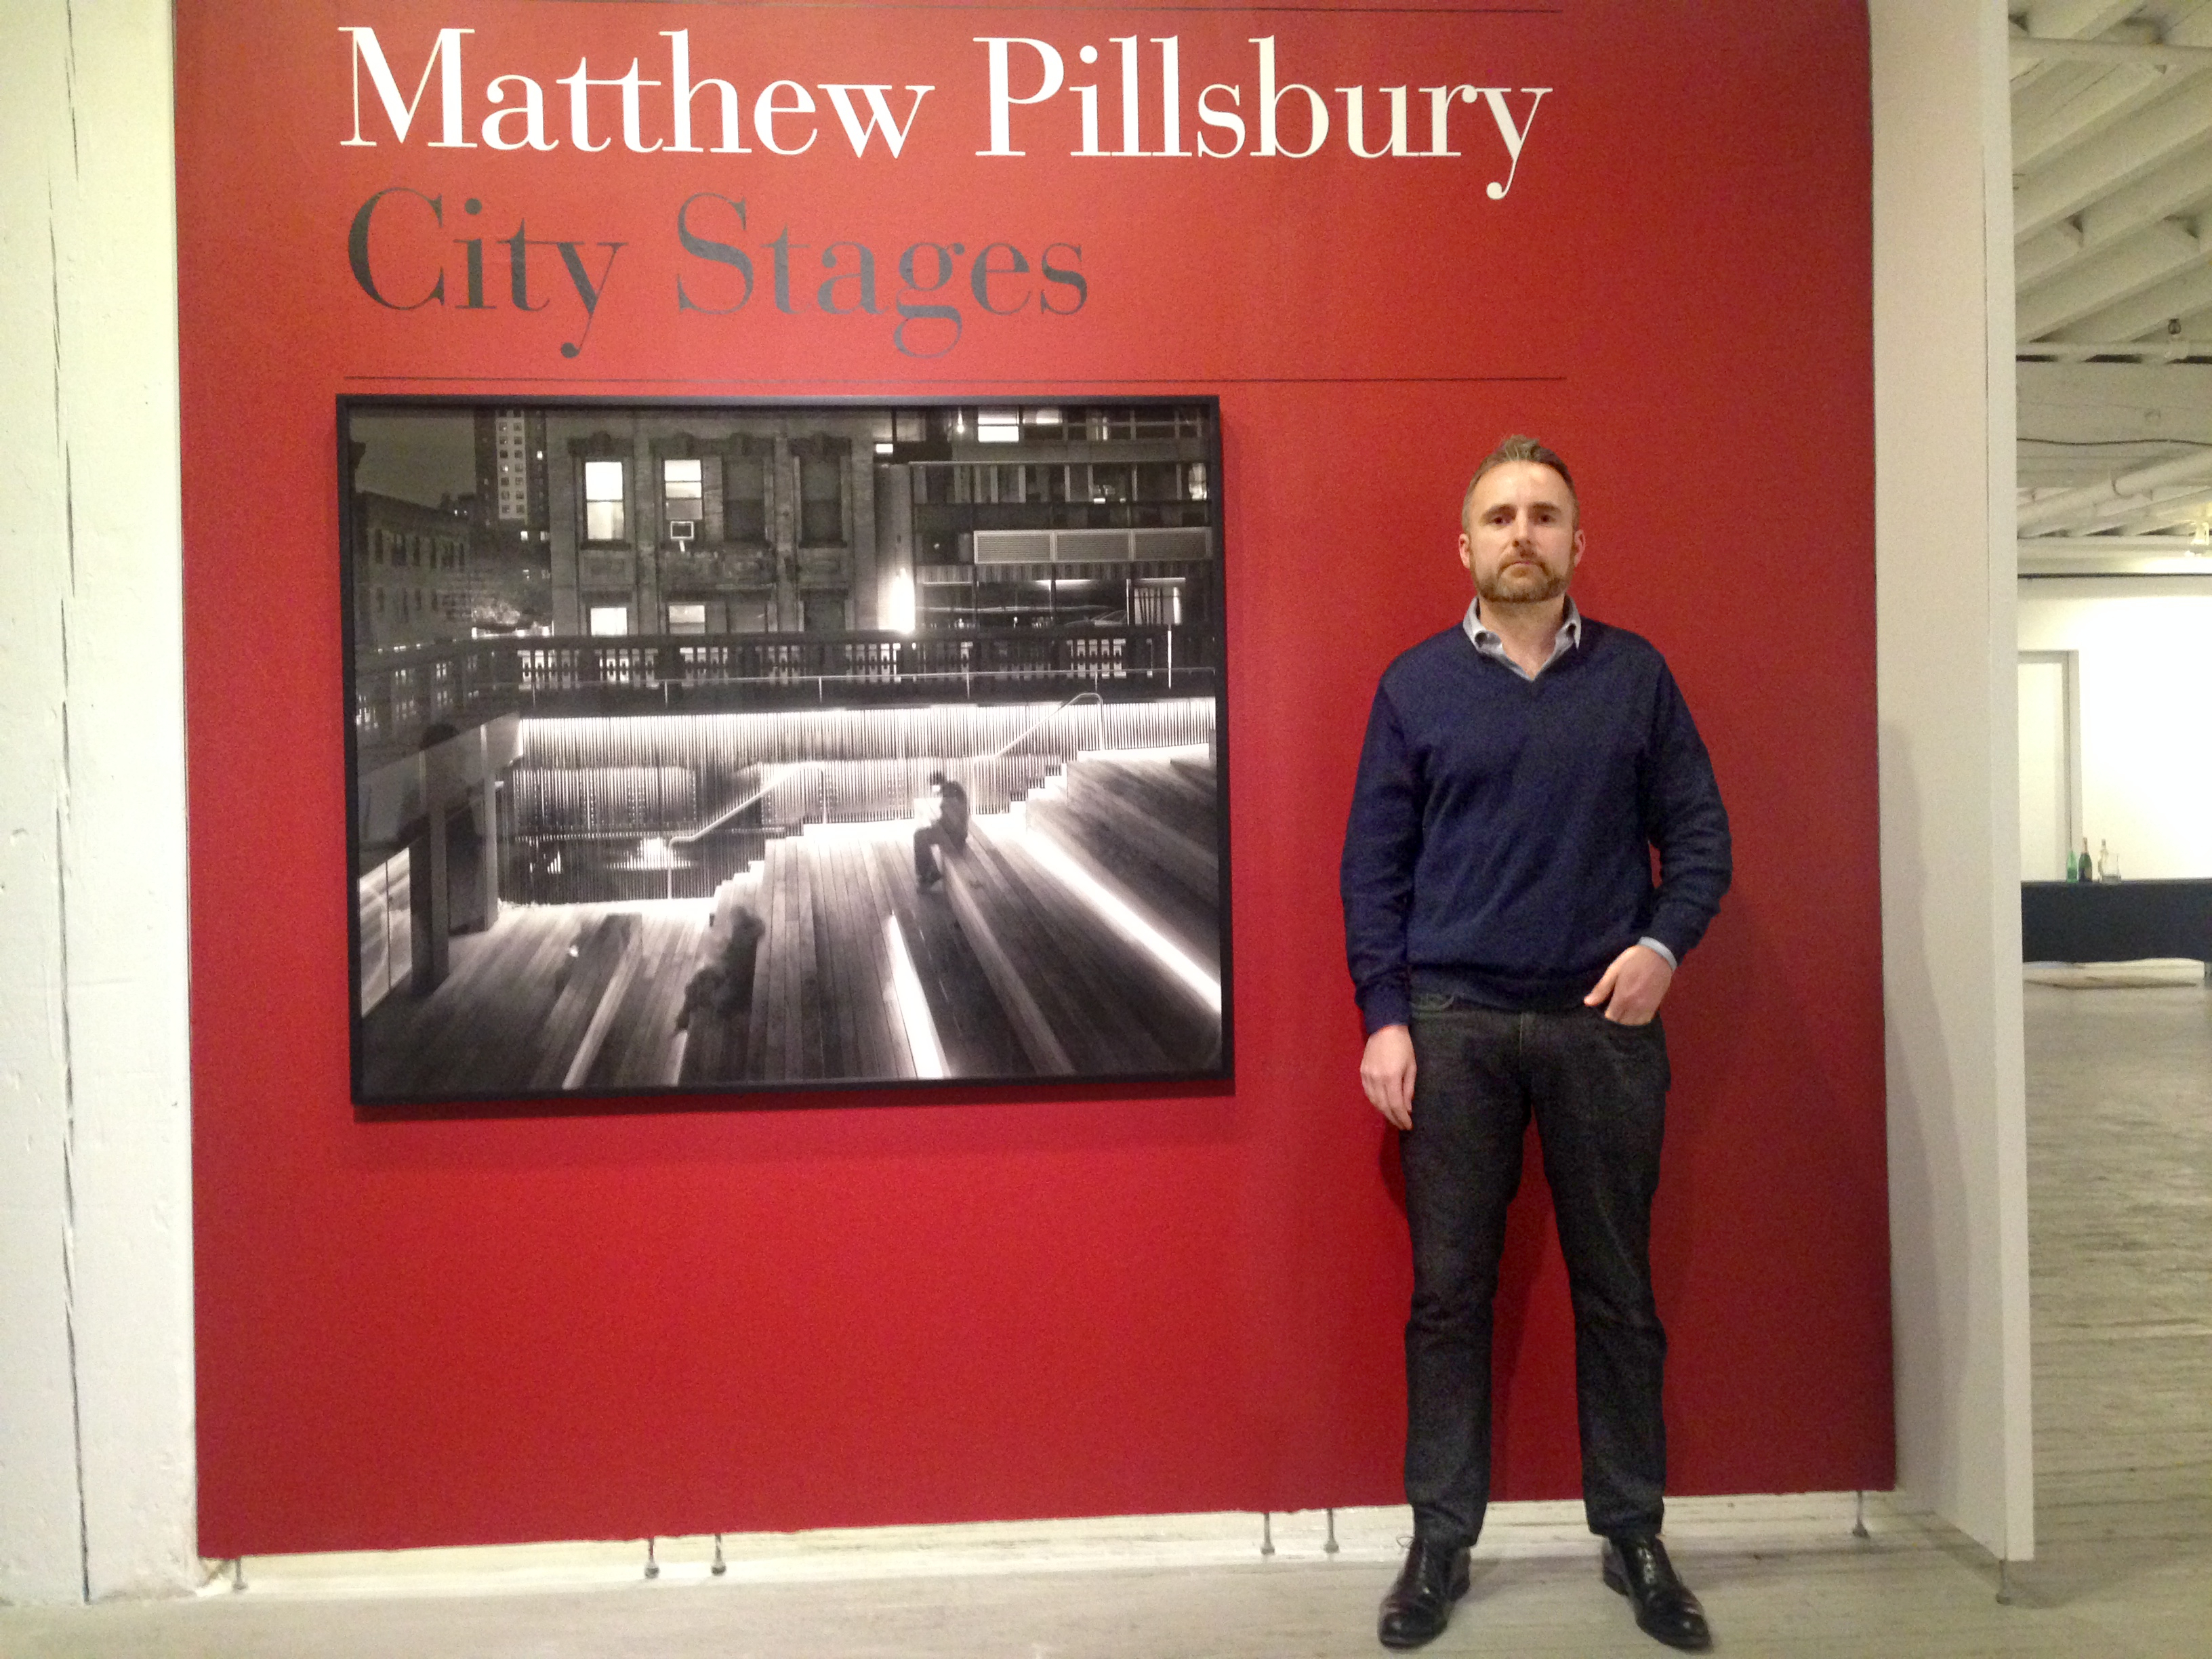 Image of Matthew Pillsbury from Wikidata